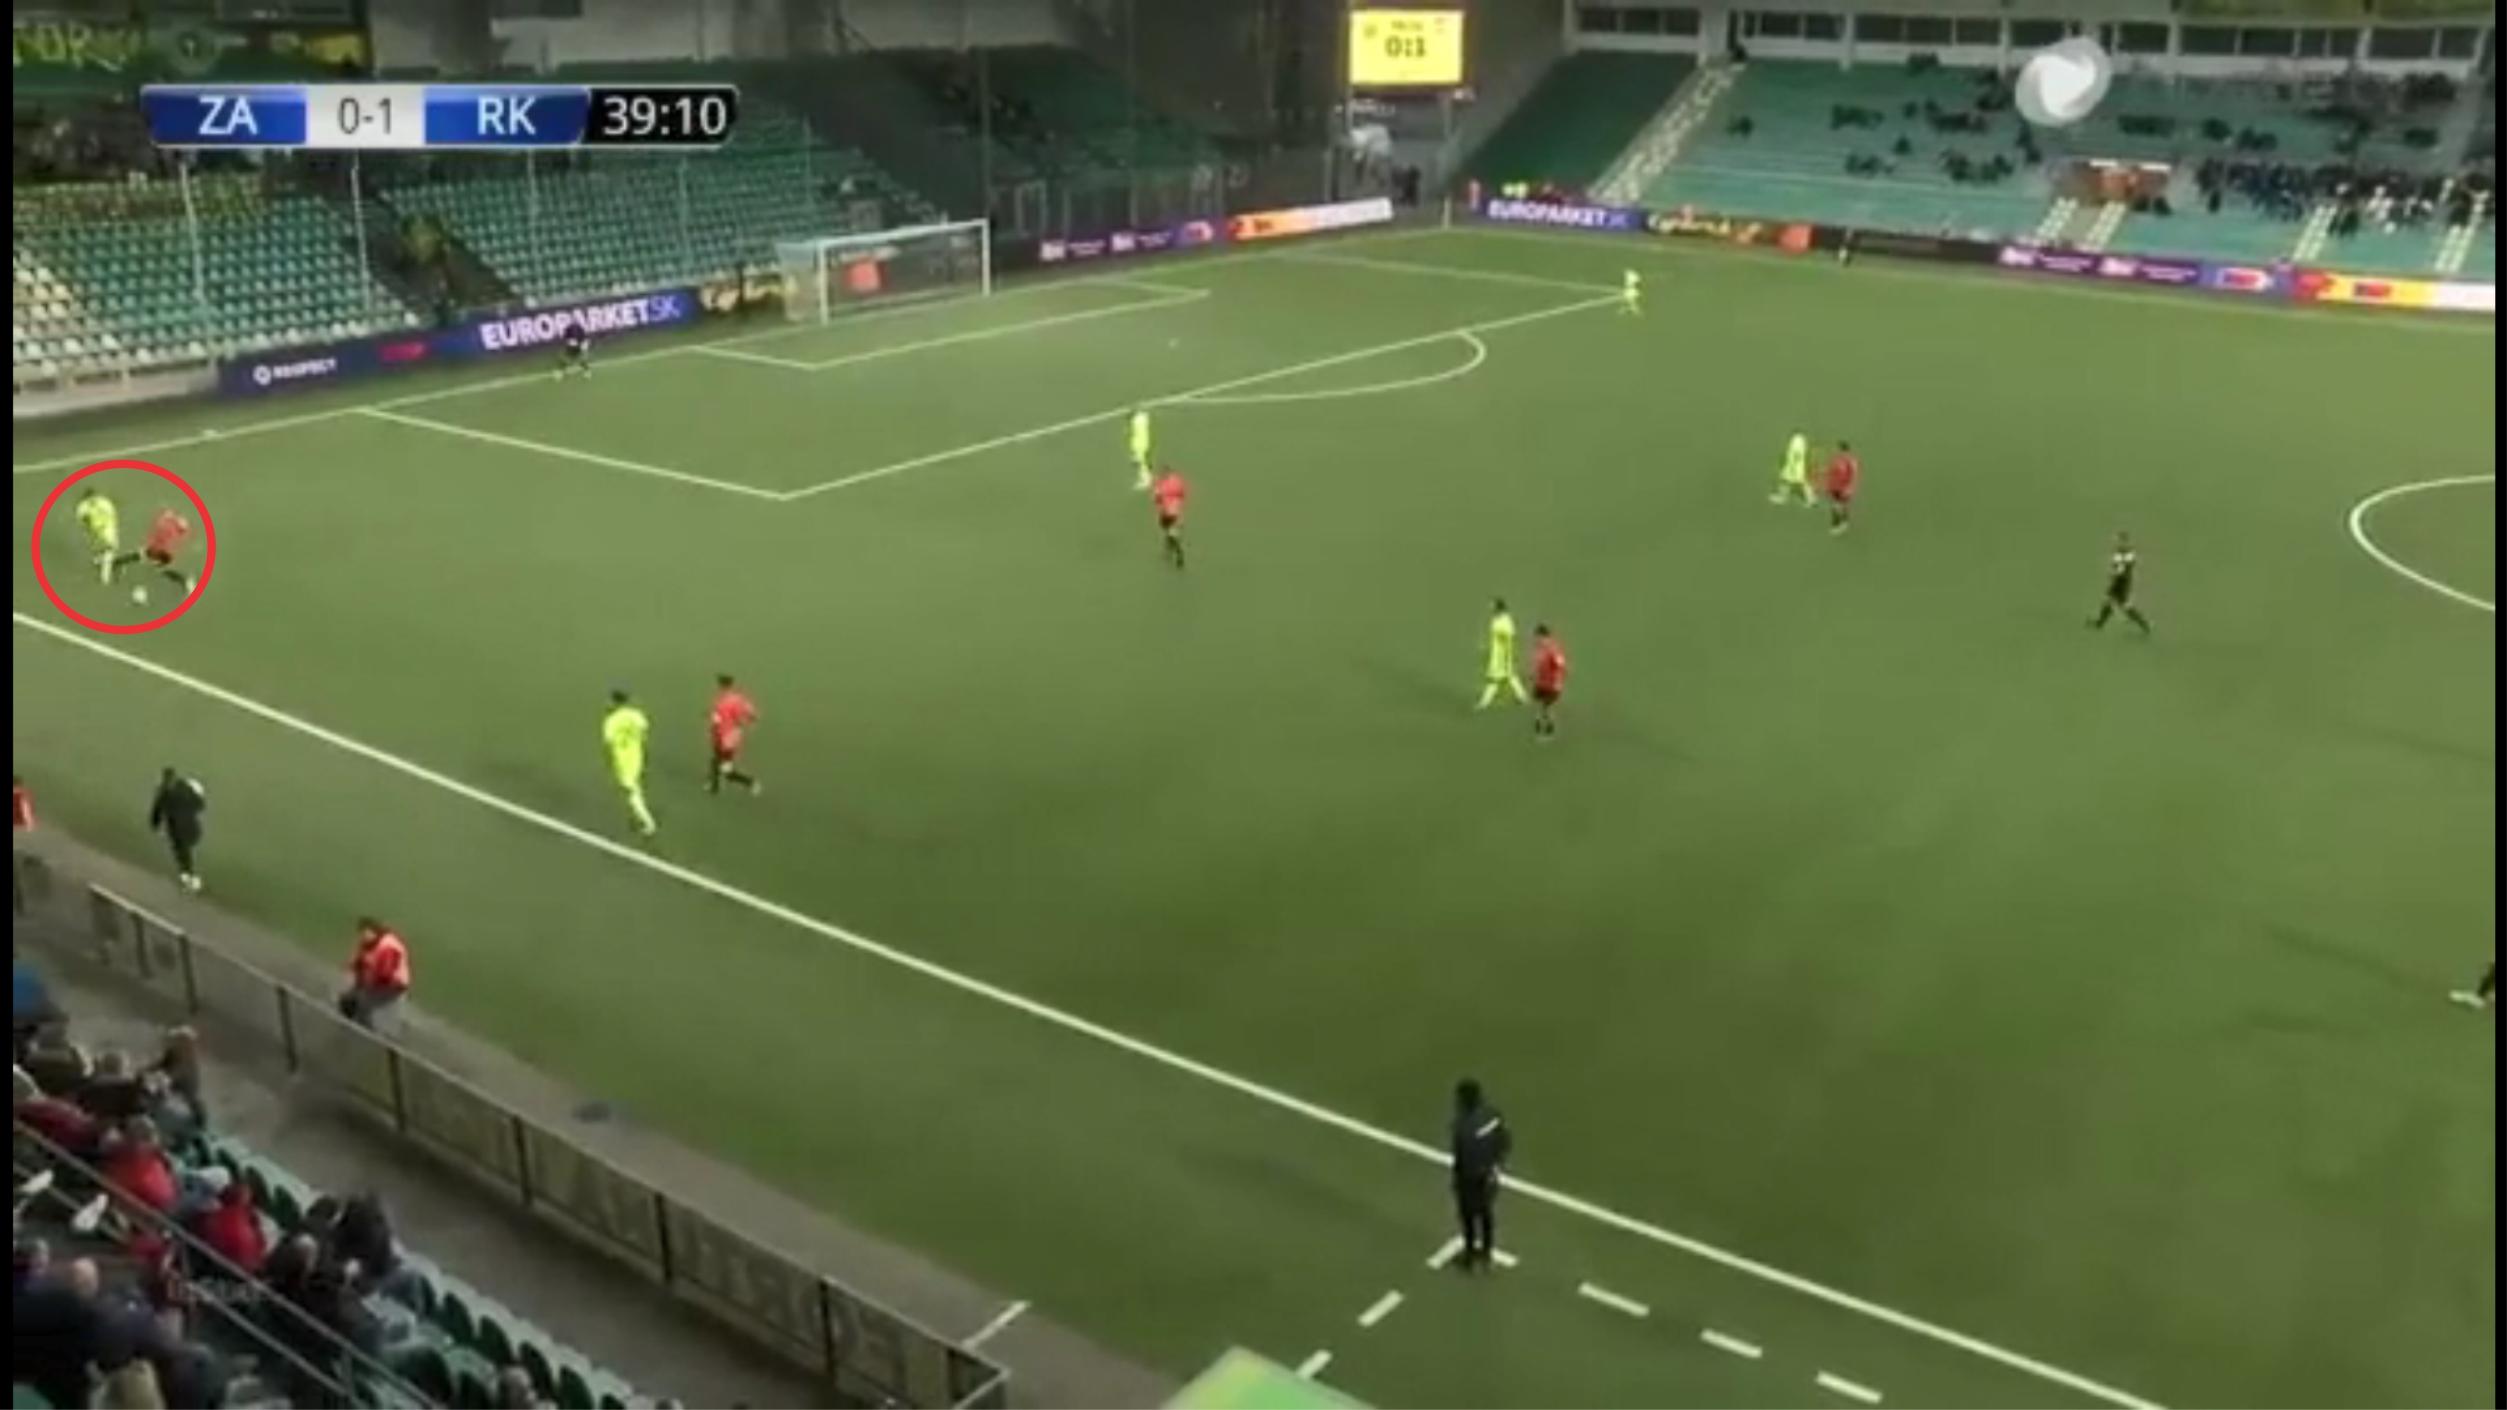 Tomas Bobcek 2019/20 - scout report - tactical analysis - tactics